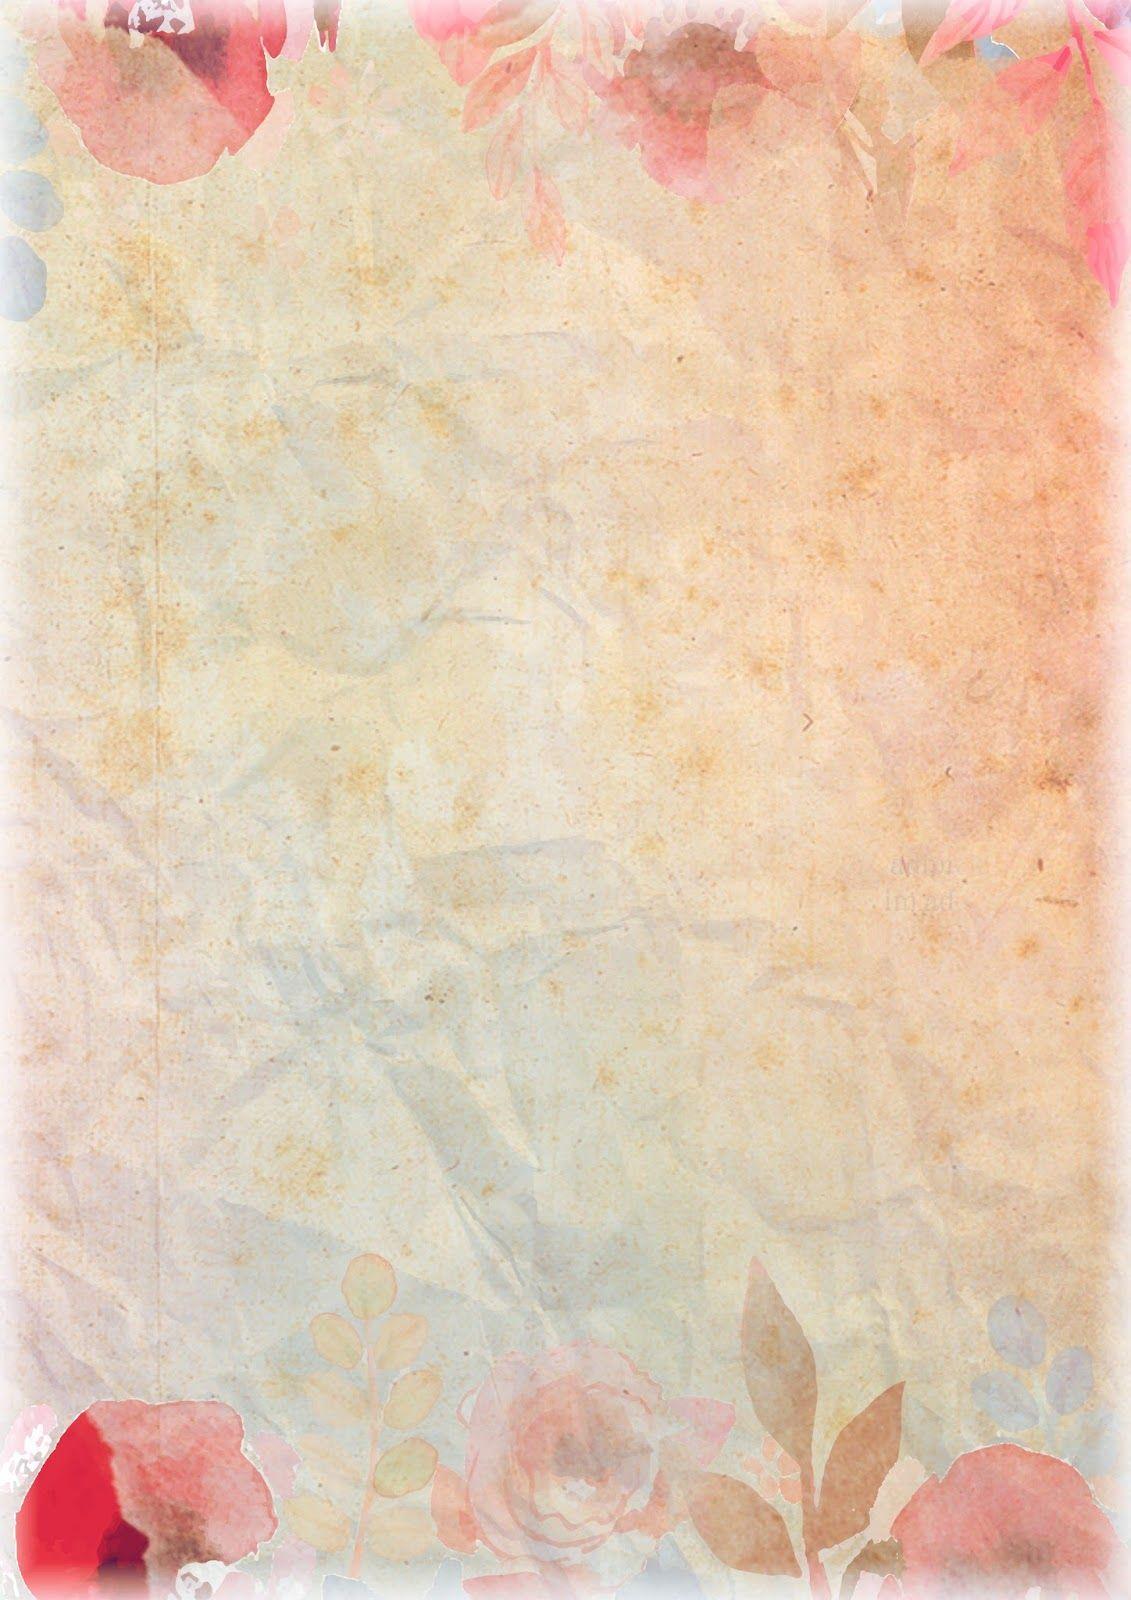 Papel para imprimir gratis imprimibles gratis para scrapbooking agenda laminas papel papel - Papel de pared para pintar ...